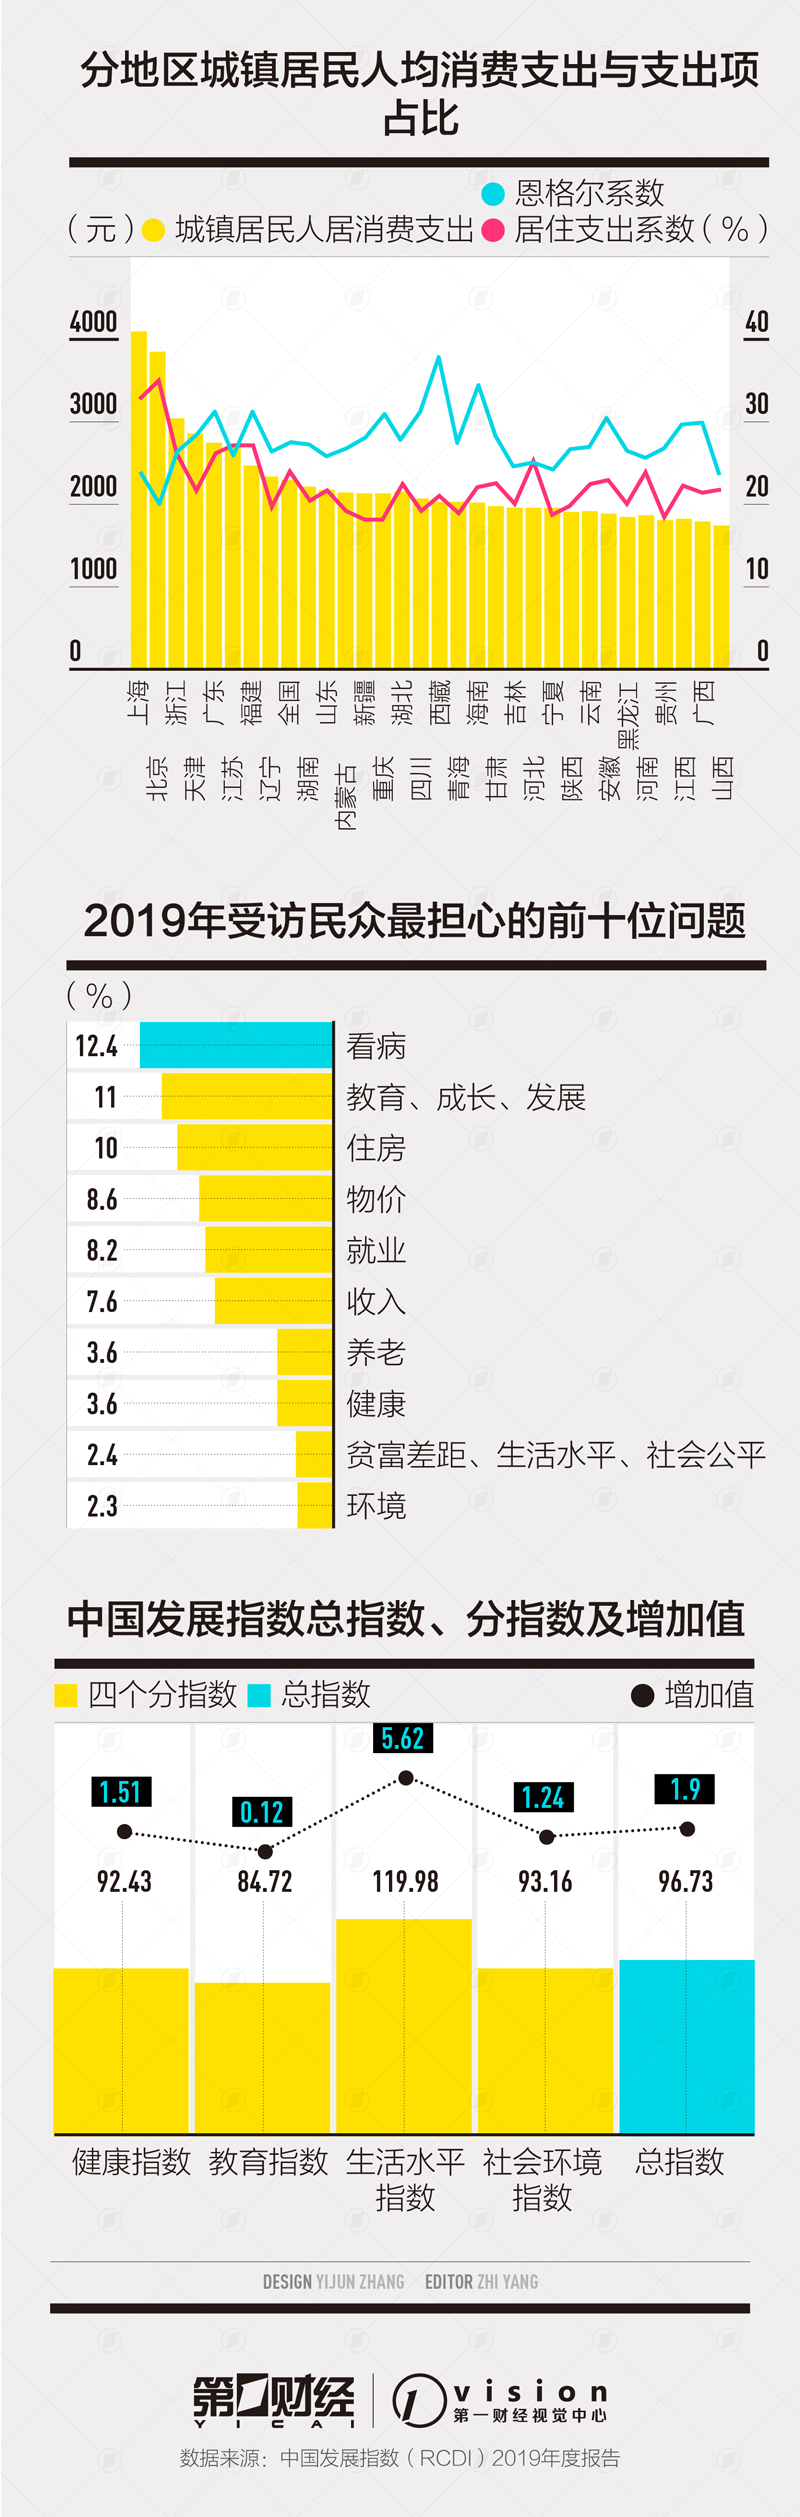 社会科学家京沪领跑中国发展指数,城市居住支